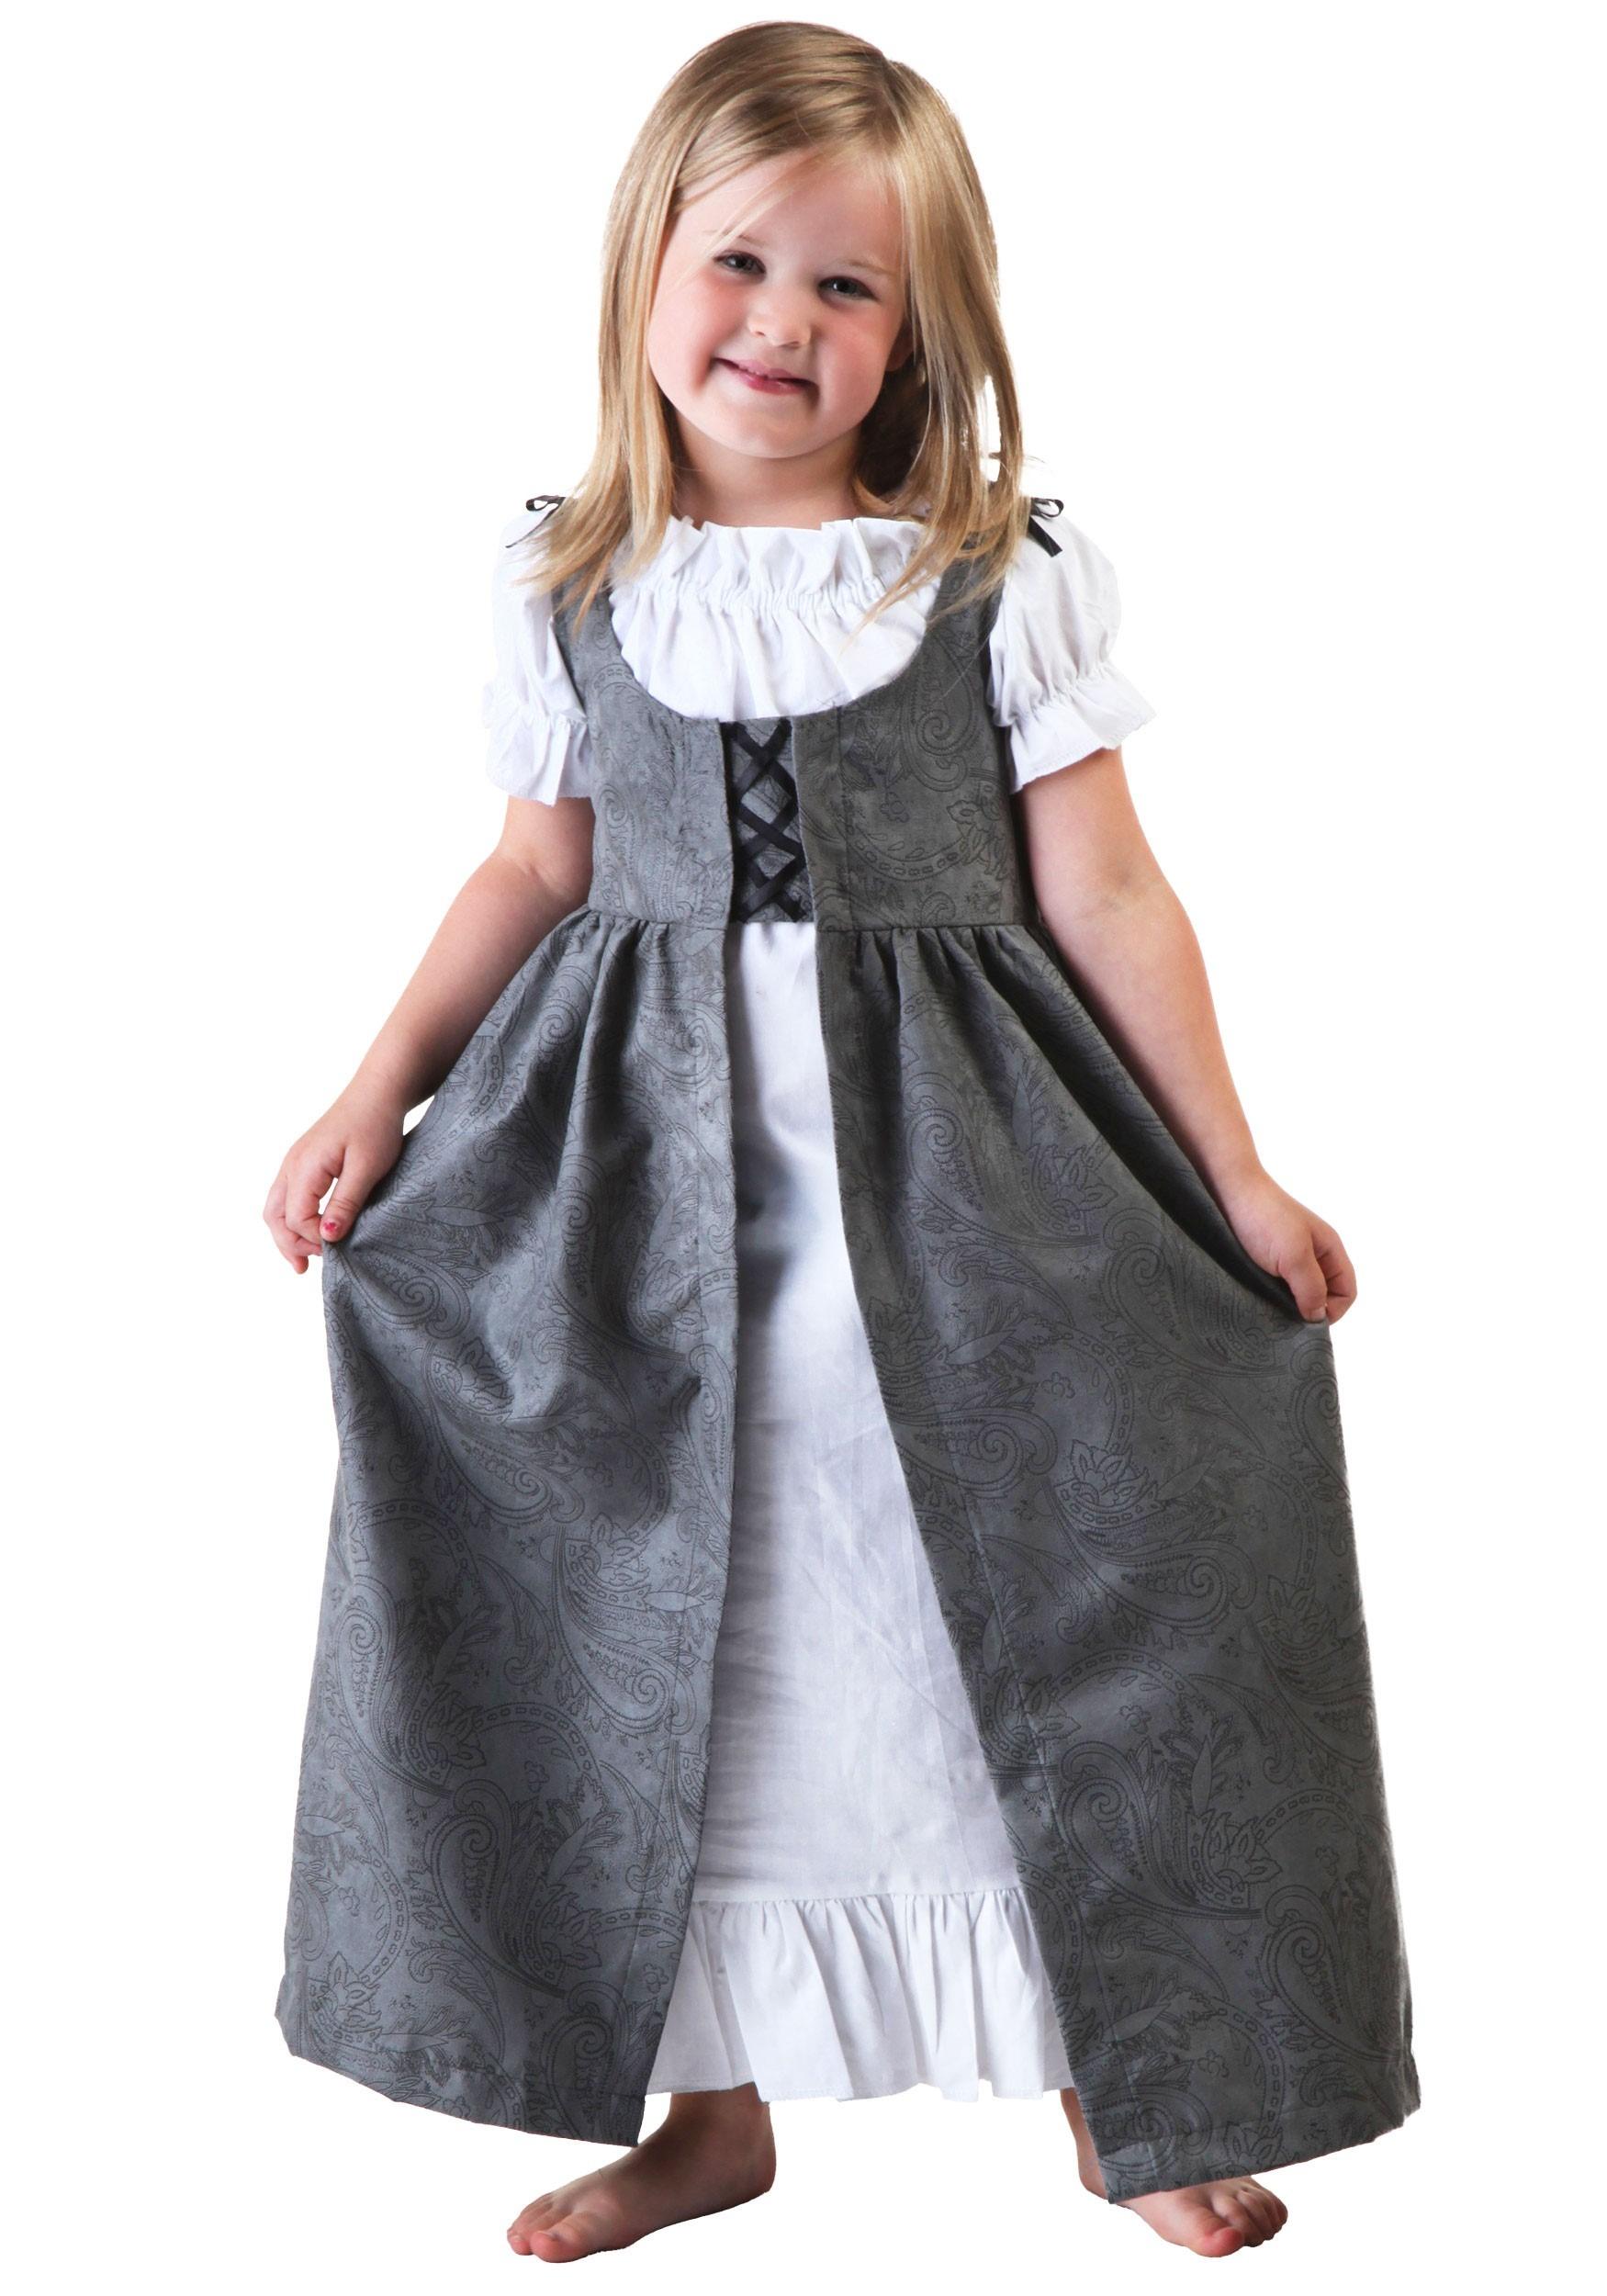 b6a6620094f4 Toddler Girls Renaissance Faire Costume Update Main